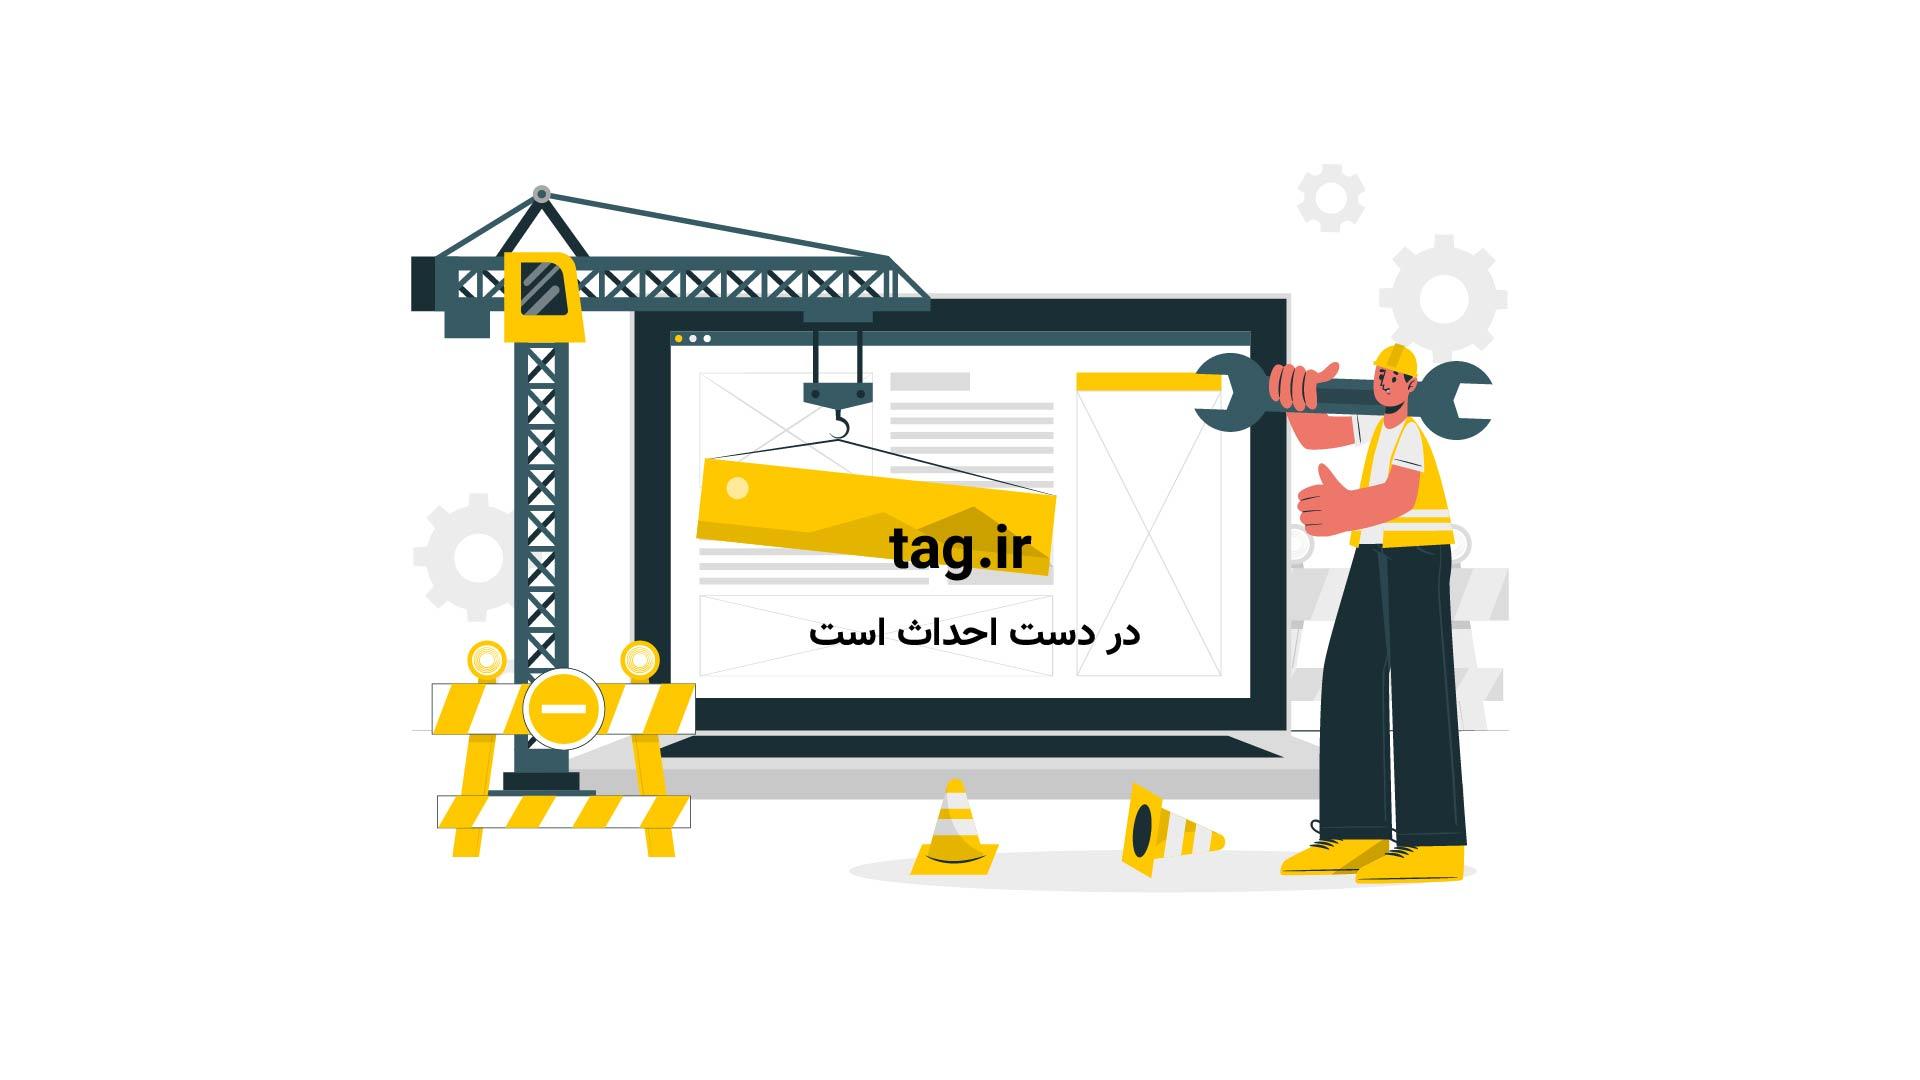 سخنرانیهای تد؛ موسیقیهای گم شده چگونه توسط مجموعه داران موسیقی پیدا شد | فیلم